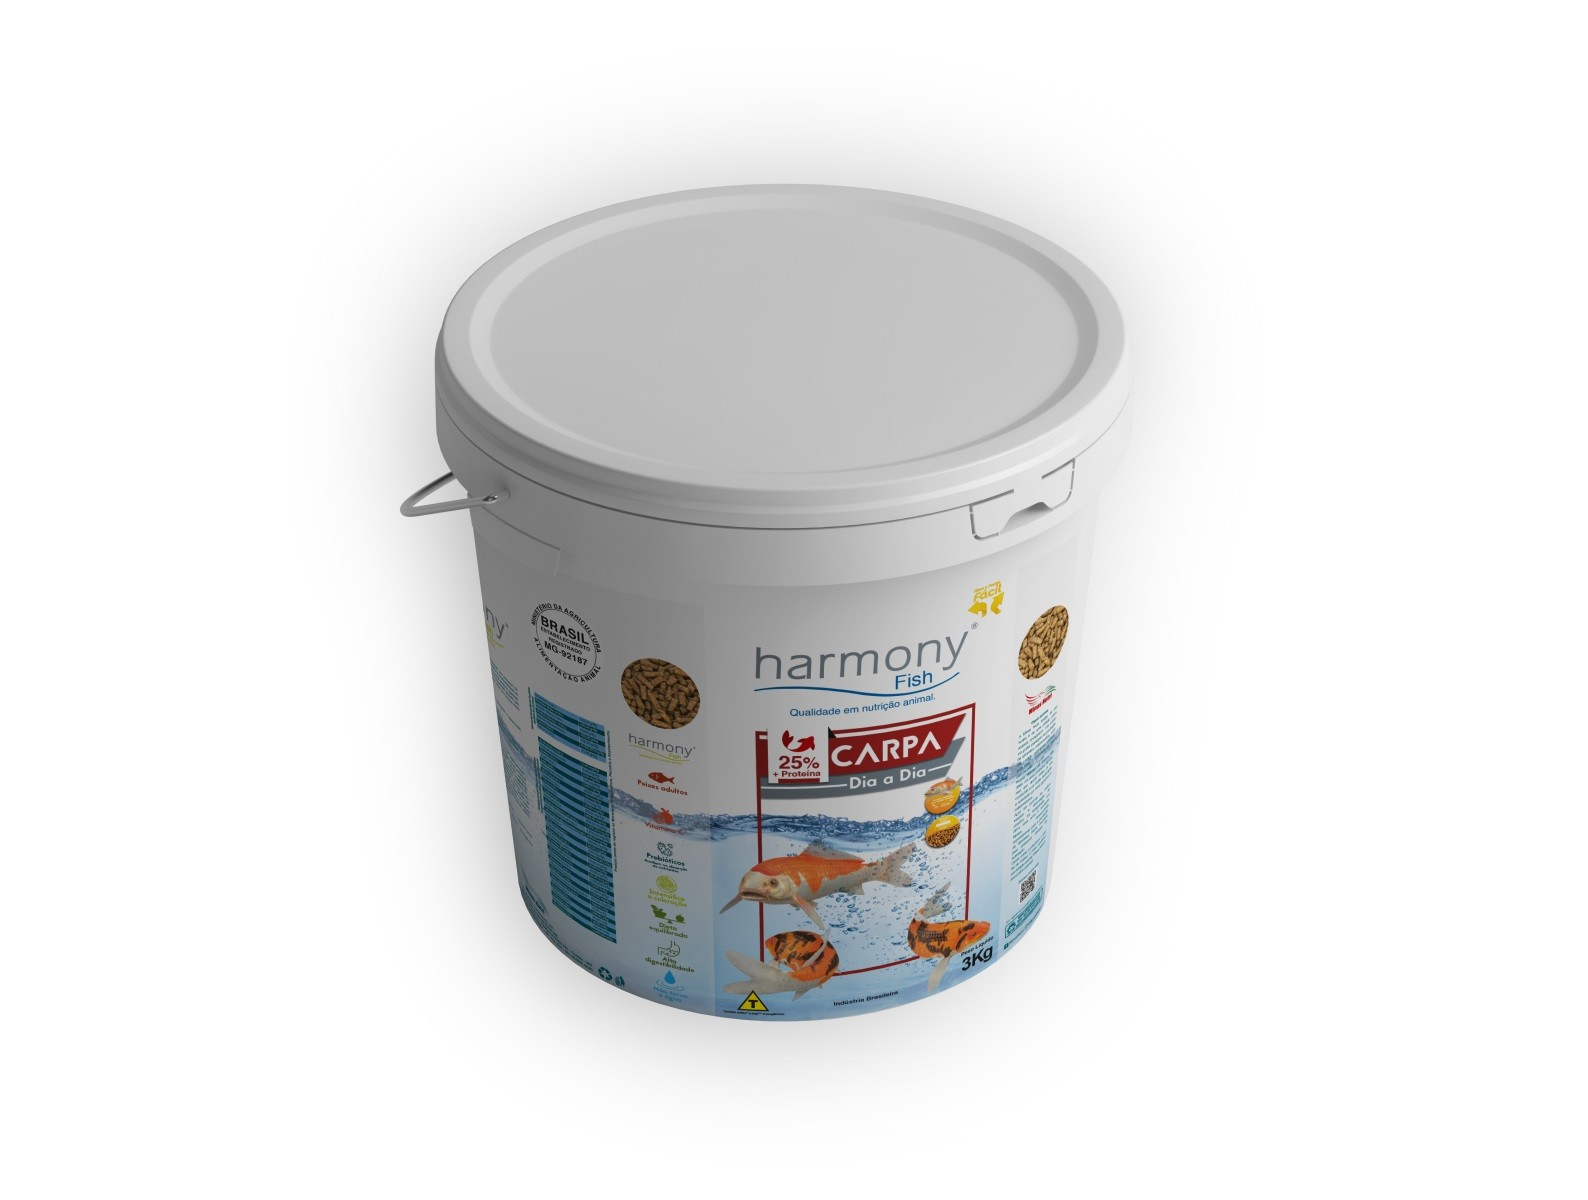 Harmony Fish Carpas Dia a Dia